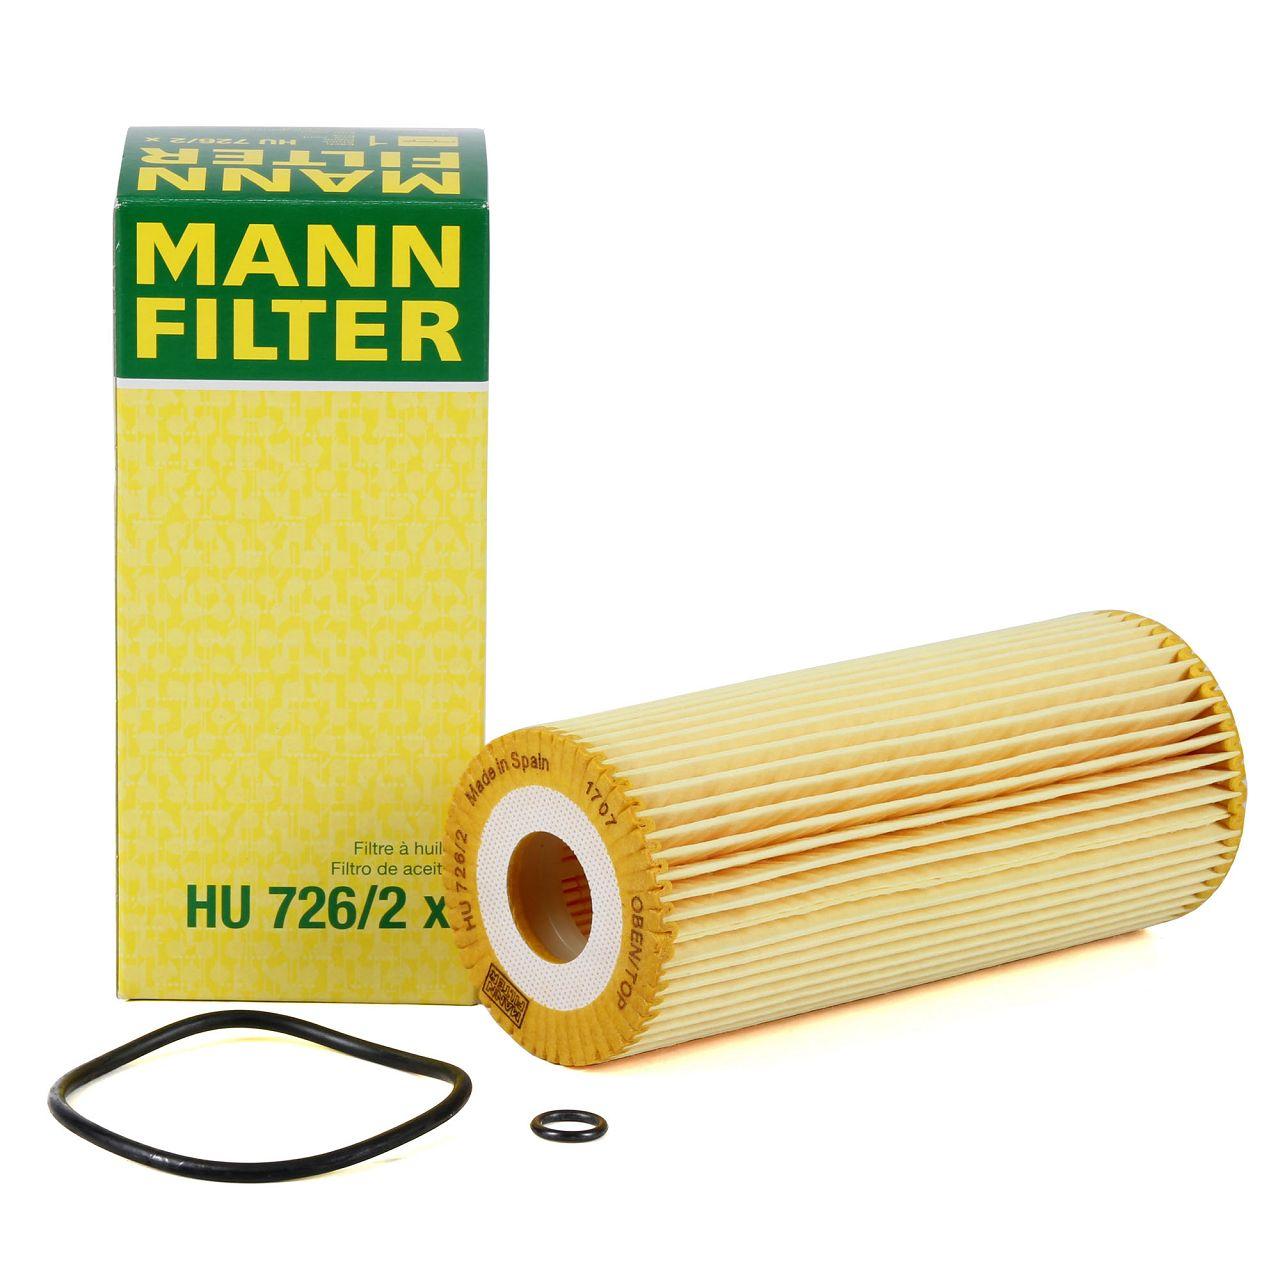 MANN Ölfilter HU726/2x für AUDI FORD SEAT SKODA VW 1.9 SDI 1.9 TDI 2.5 TDI